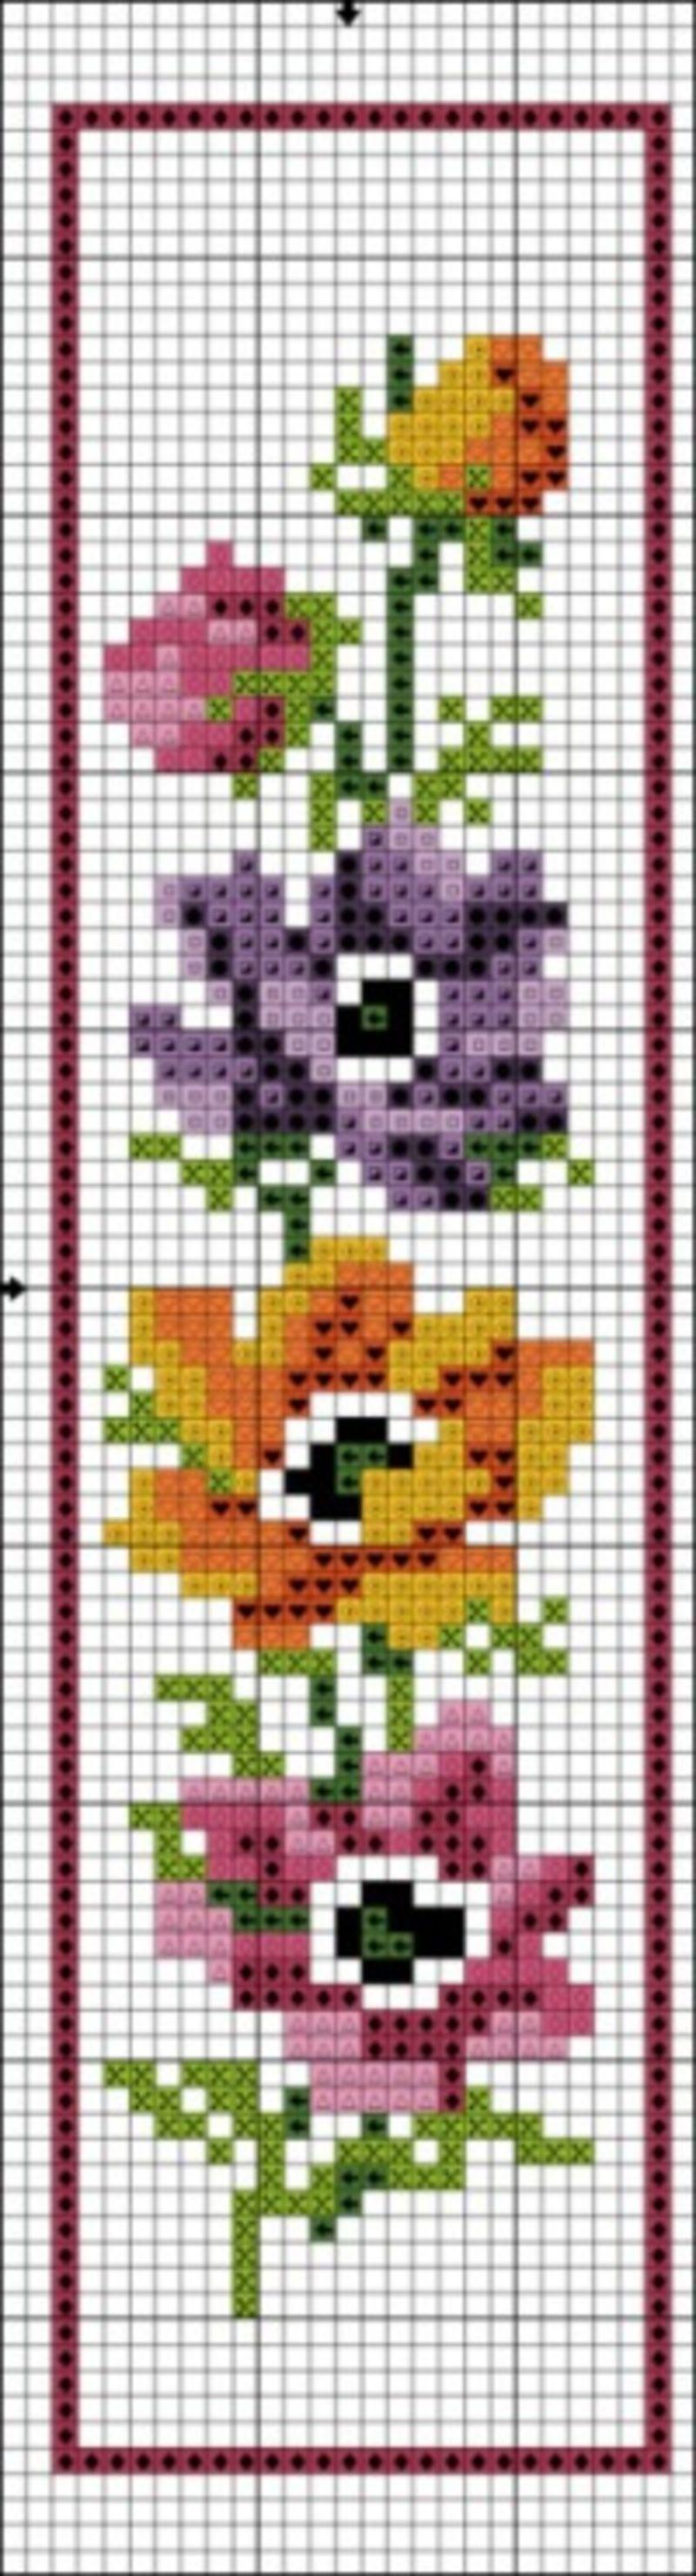 Créer Ses Grilles De Point De Croix : créer, grilles, point, croix, Marque-pages, Fleurs, Cross, Stitch, Bookmarks,, Stitch,, Flowers